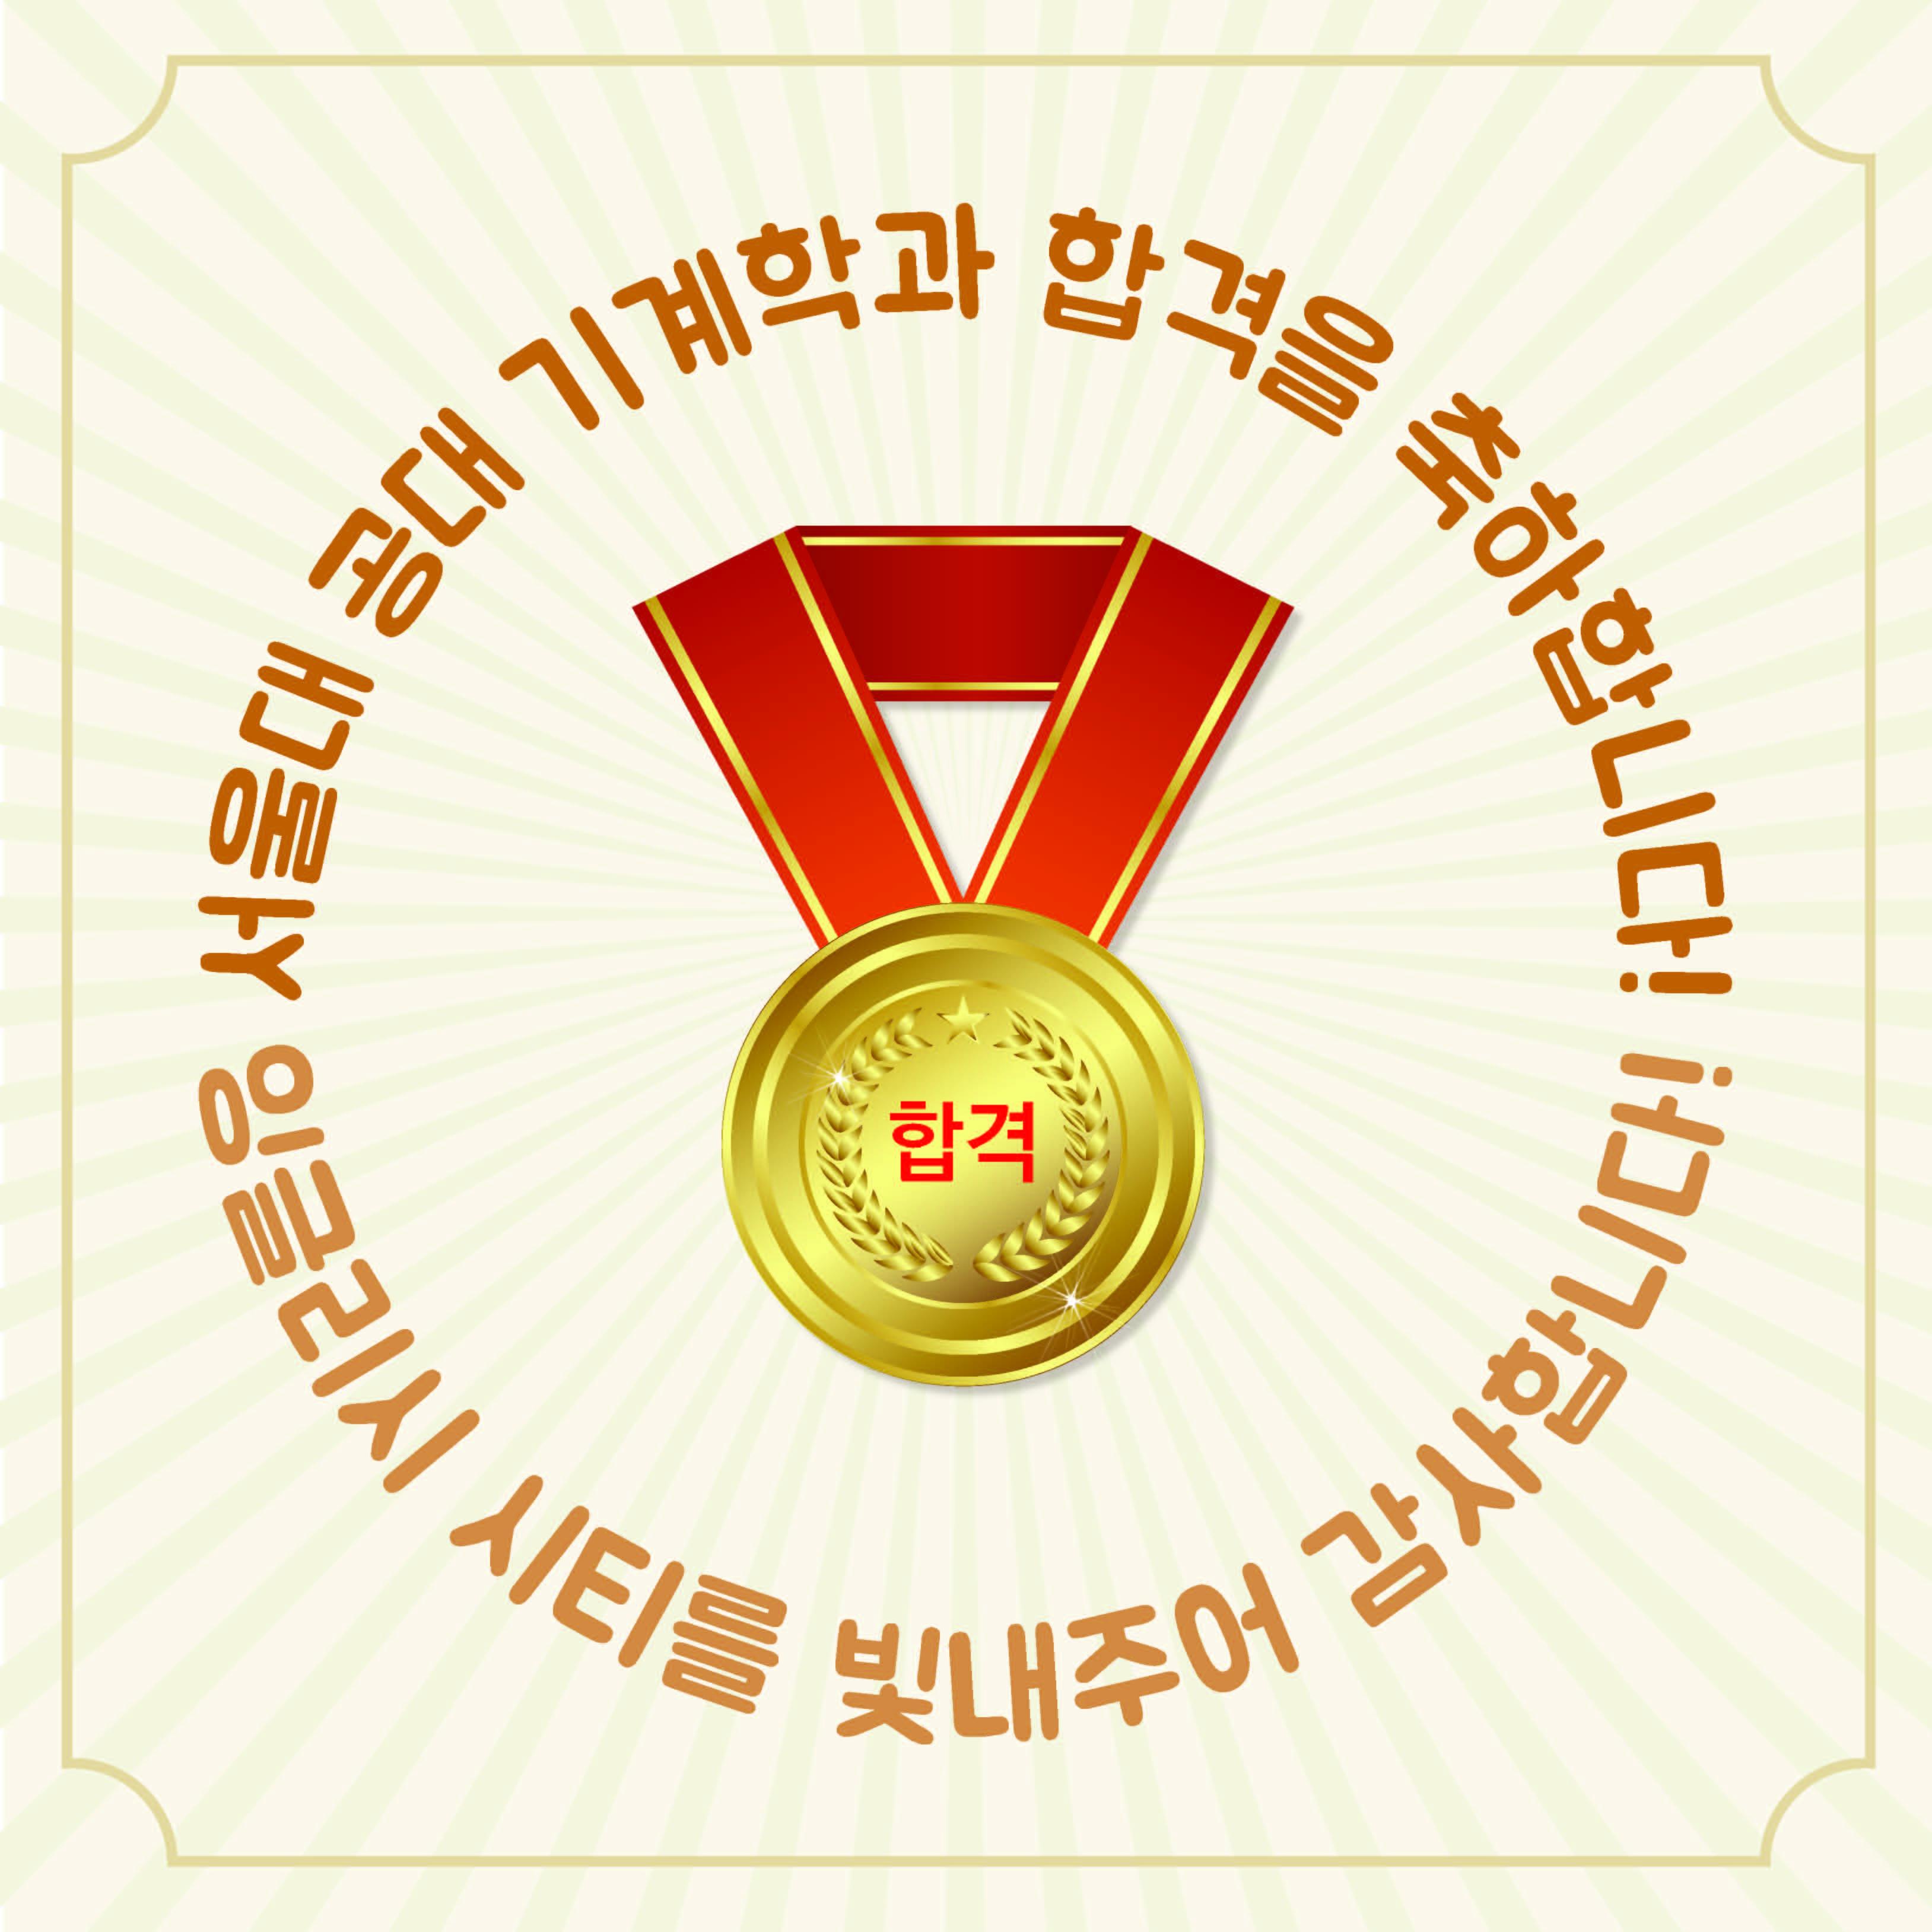 서울대학합격축하2020_페이지_2.jpg